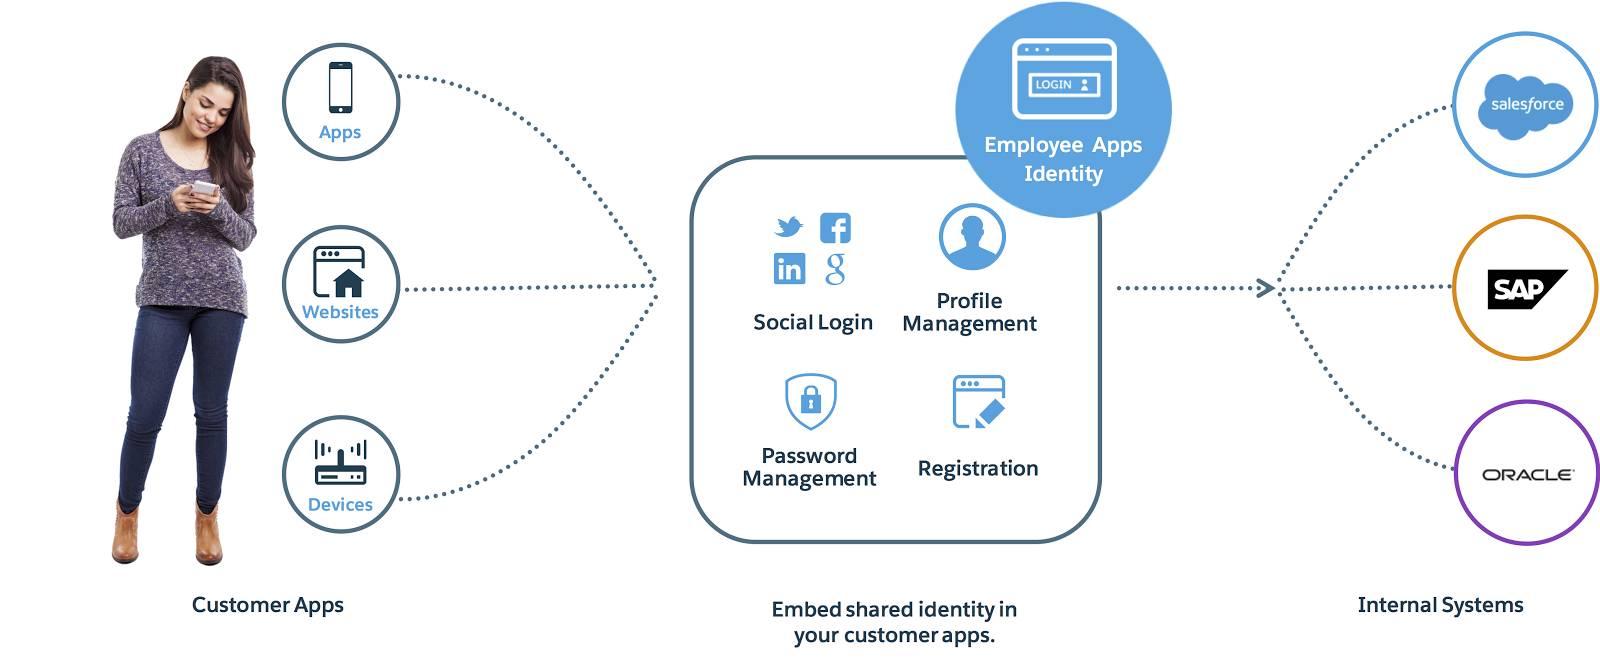 Ein Diagramm, in dem die Mitarbeiteridentität mit internen Systemen wie Oracle, SAP und Salesforce sowie anderen Kundenanwendungen, Websites und Geräten verknüpft ist.